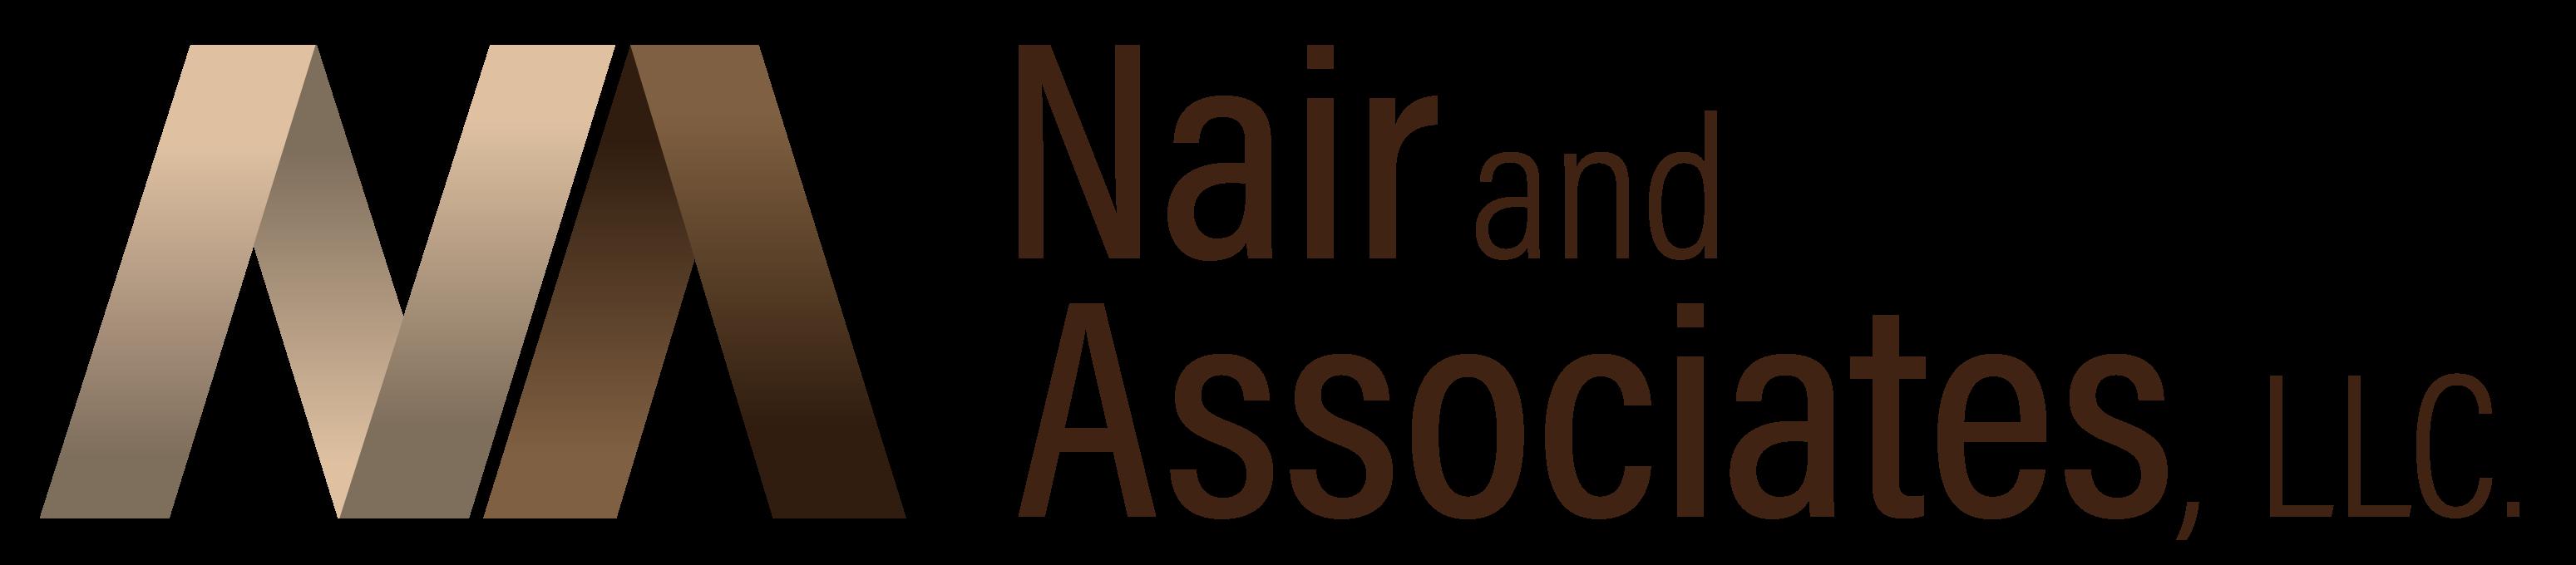 Nair and Associates